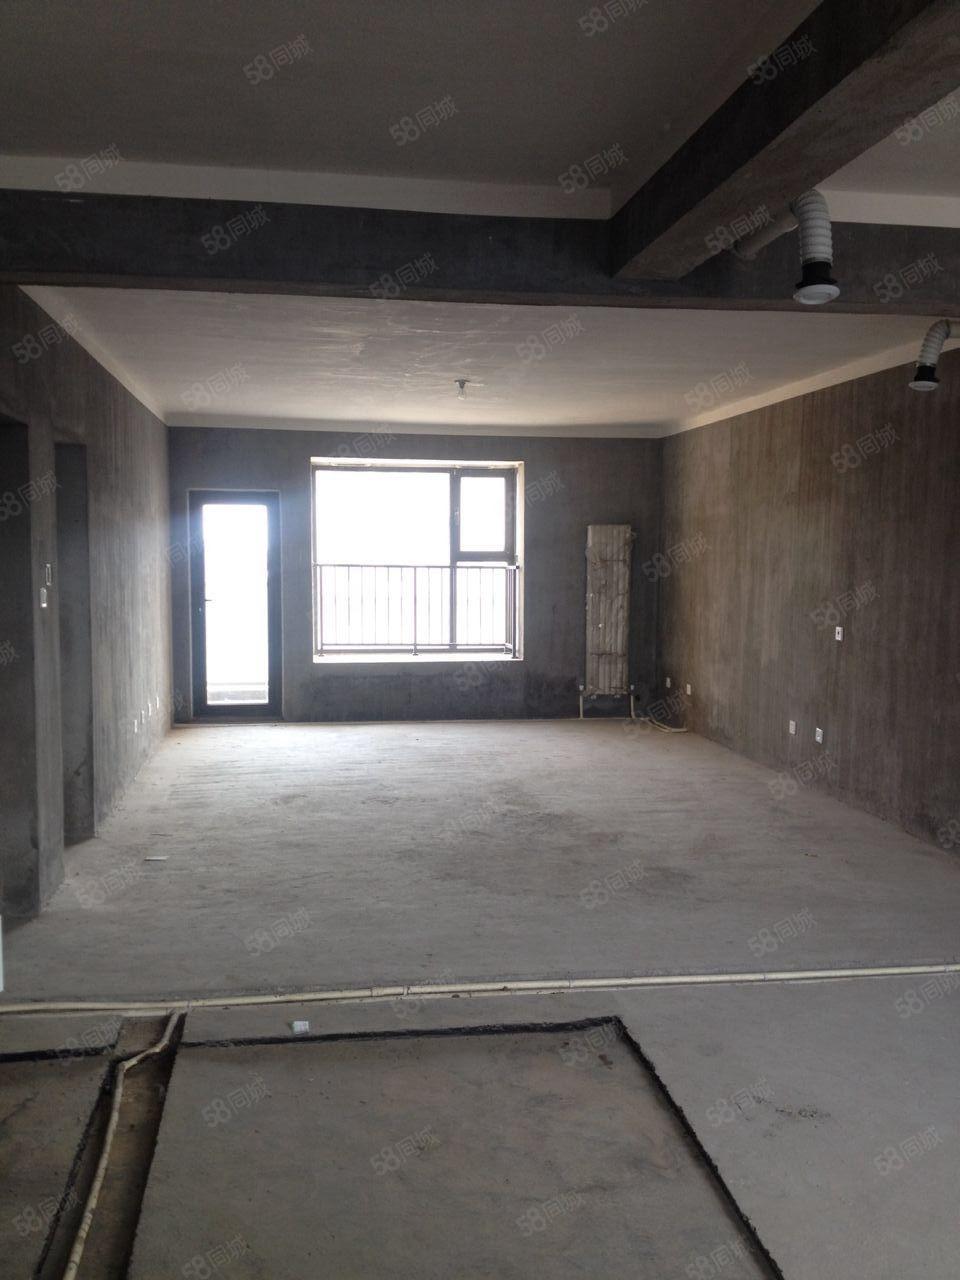 急售安和小区毛坯4房位置直观小区全景和开发商直接签合同